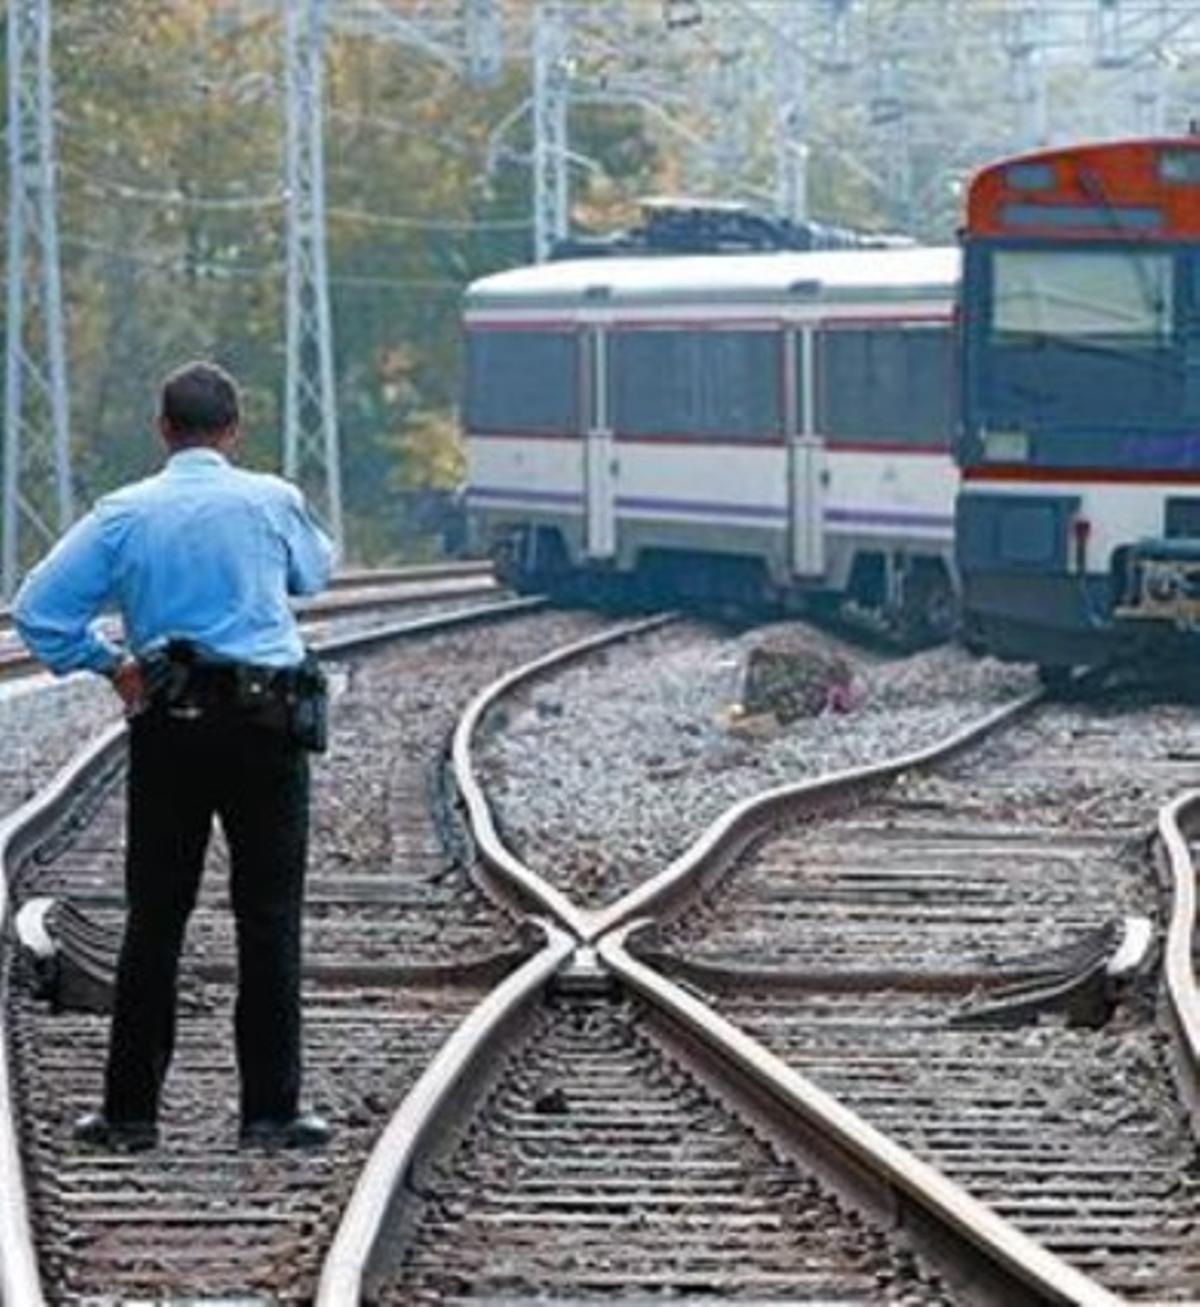 El tren descarrilado, cruzado sobre las vías, ayer.